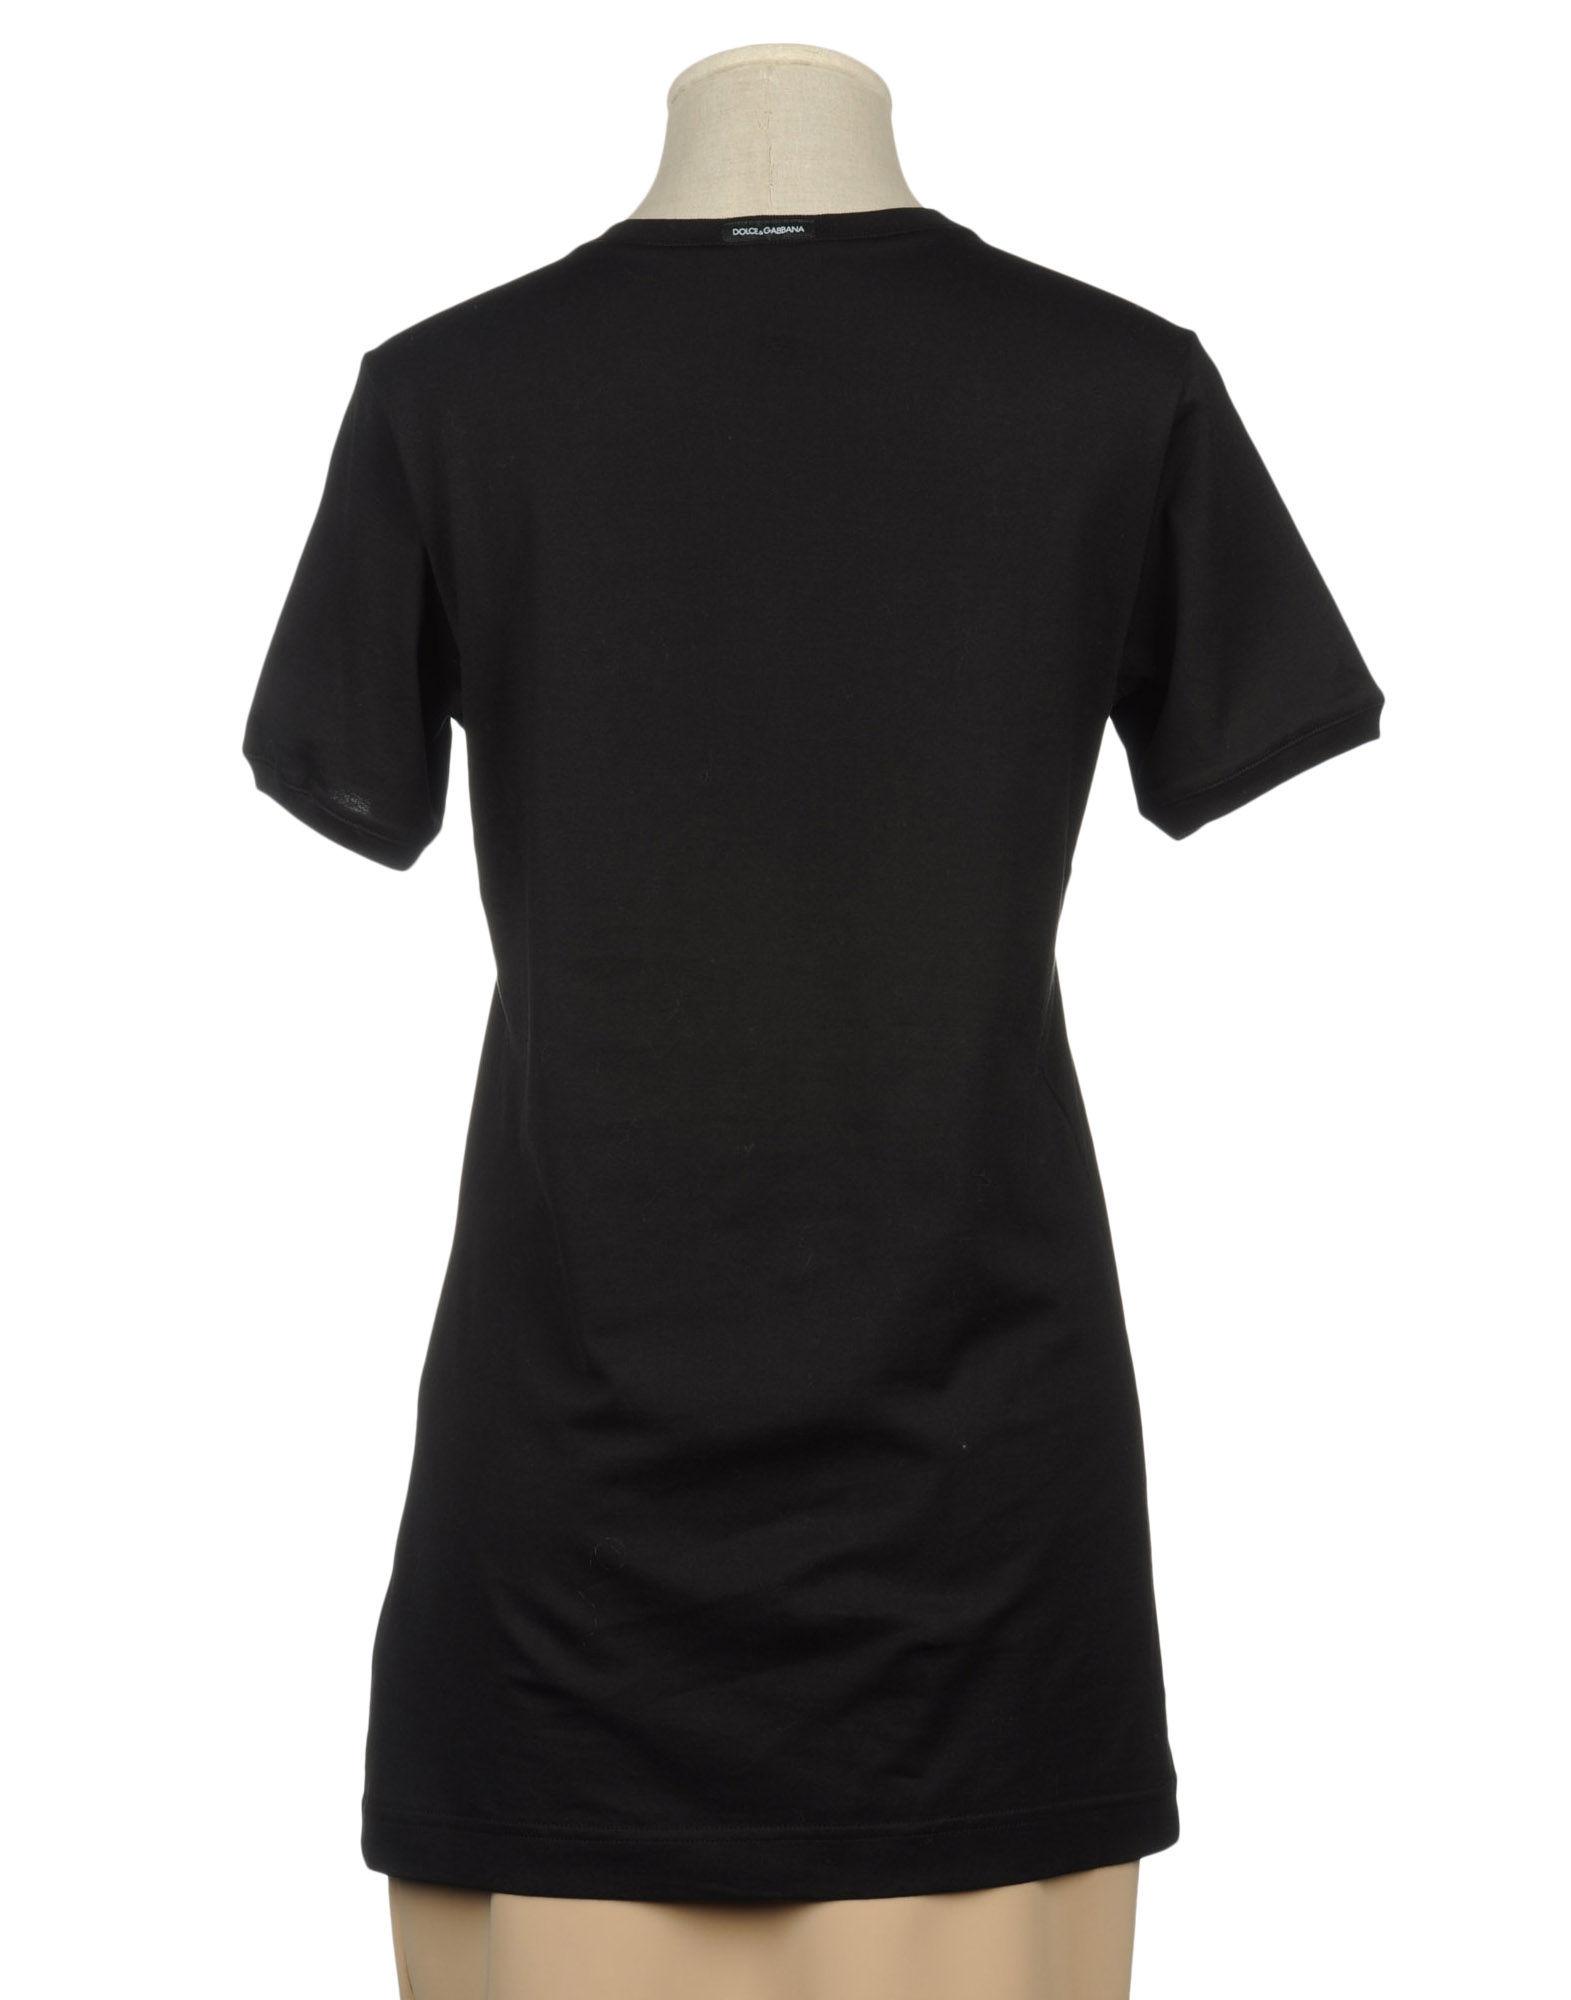 Dolce gabbana t shirt in black lyst for Dolce gabbana t shirt women